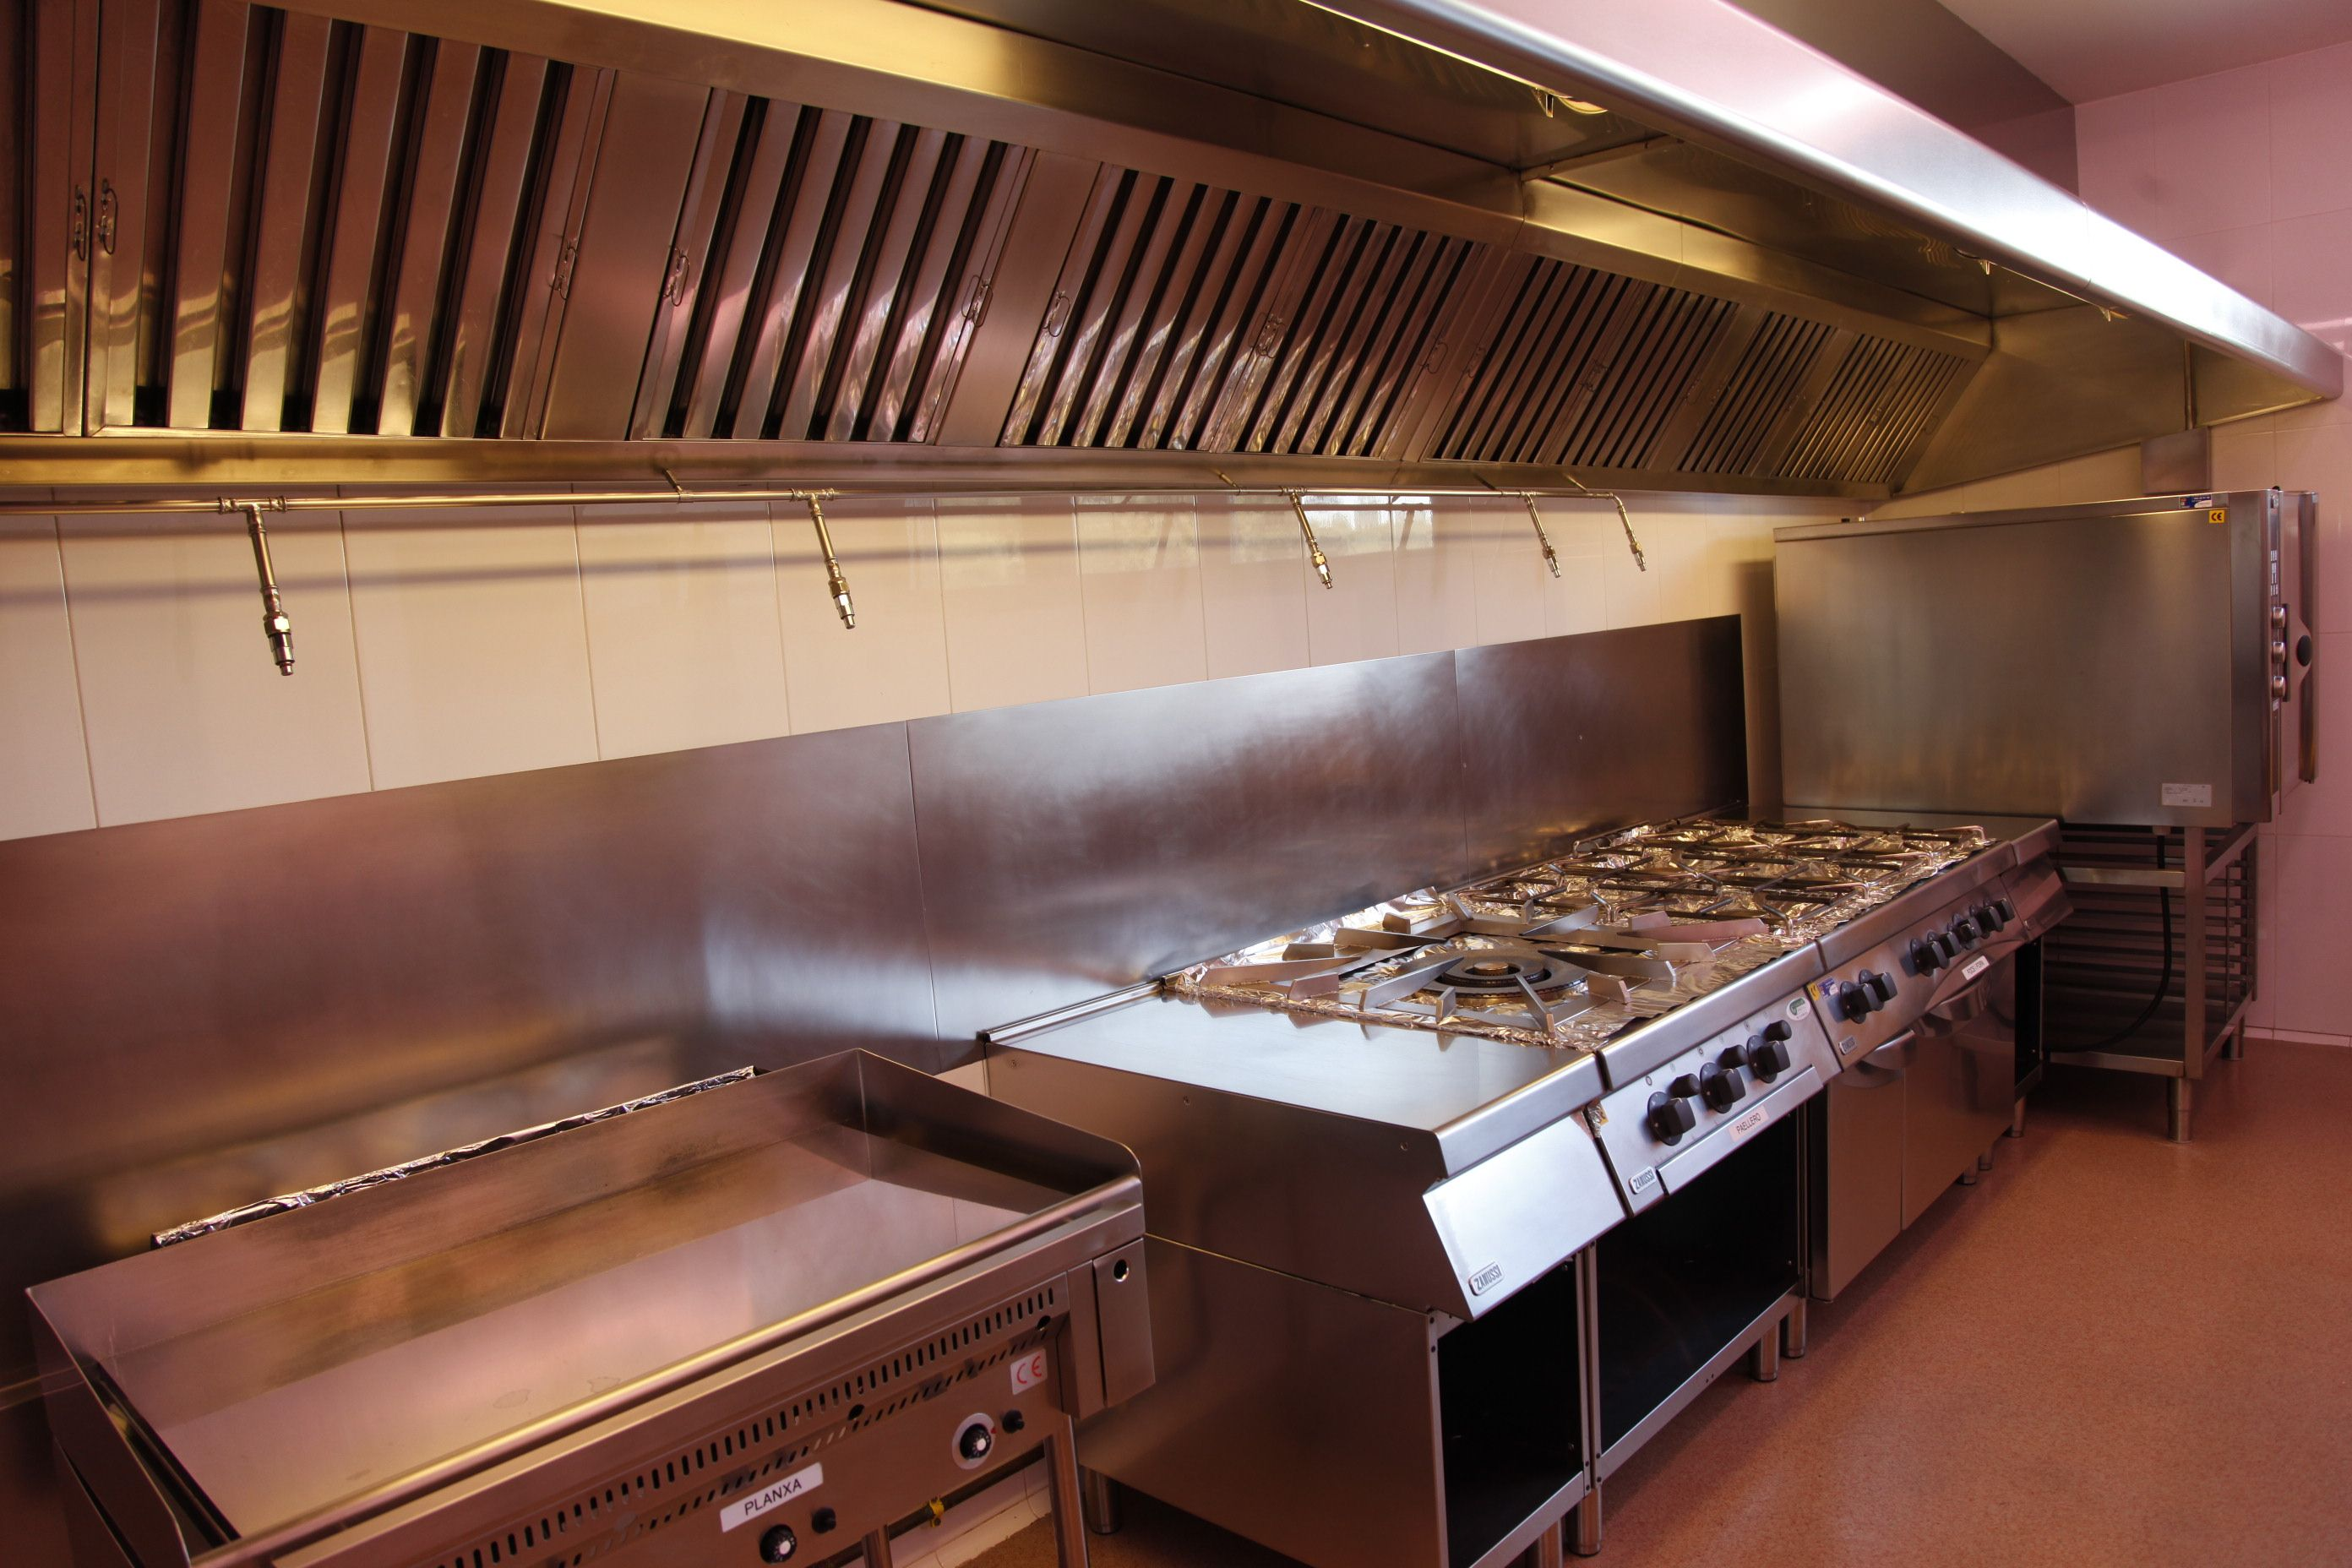 Contamos con una cocina totalmente equipada